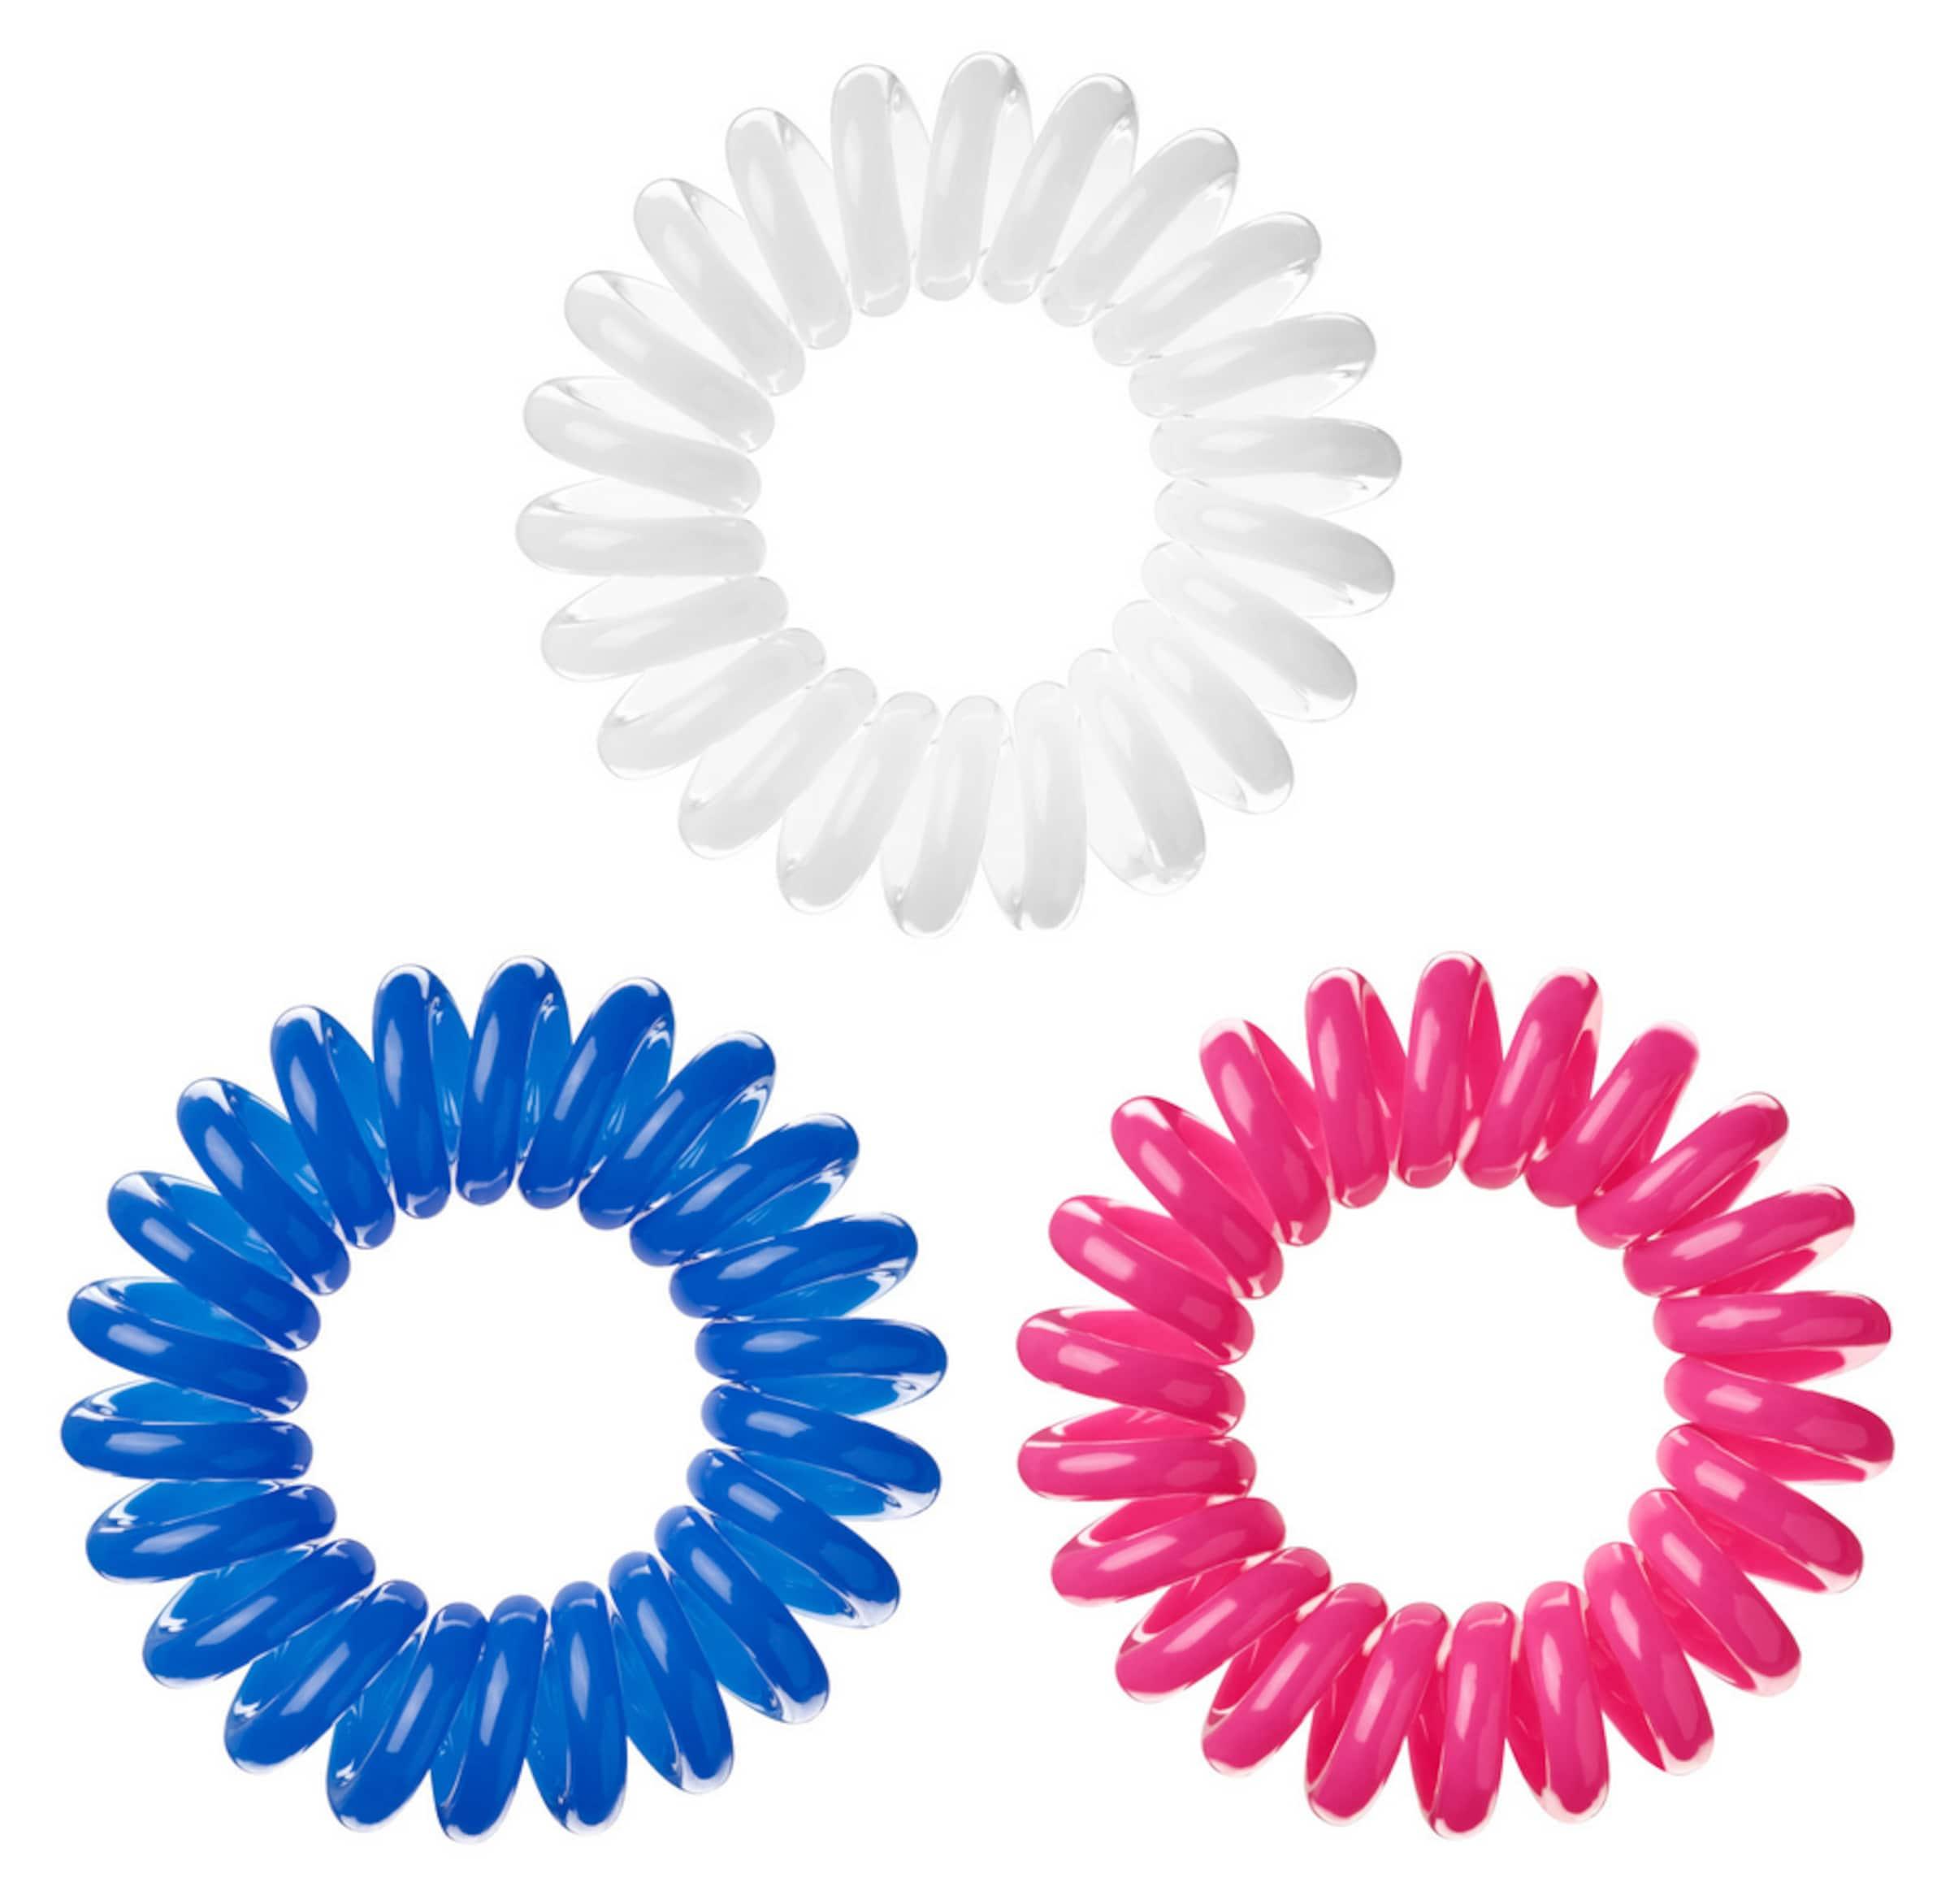 Invisibobble Spiral-Haargummi (9-tlg. Set) Verkauf Komfortabel Billig Verkauf Erhalten Authentisch Billig Authentische D3vC3T